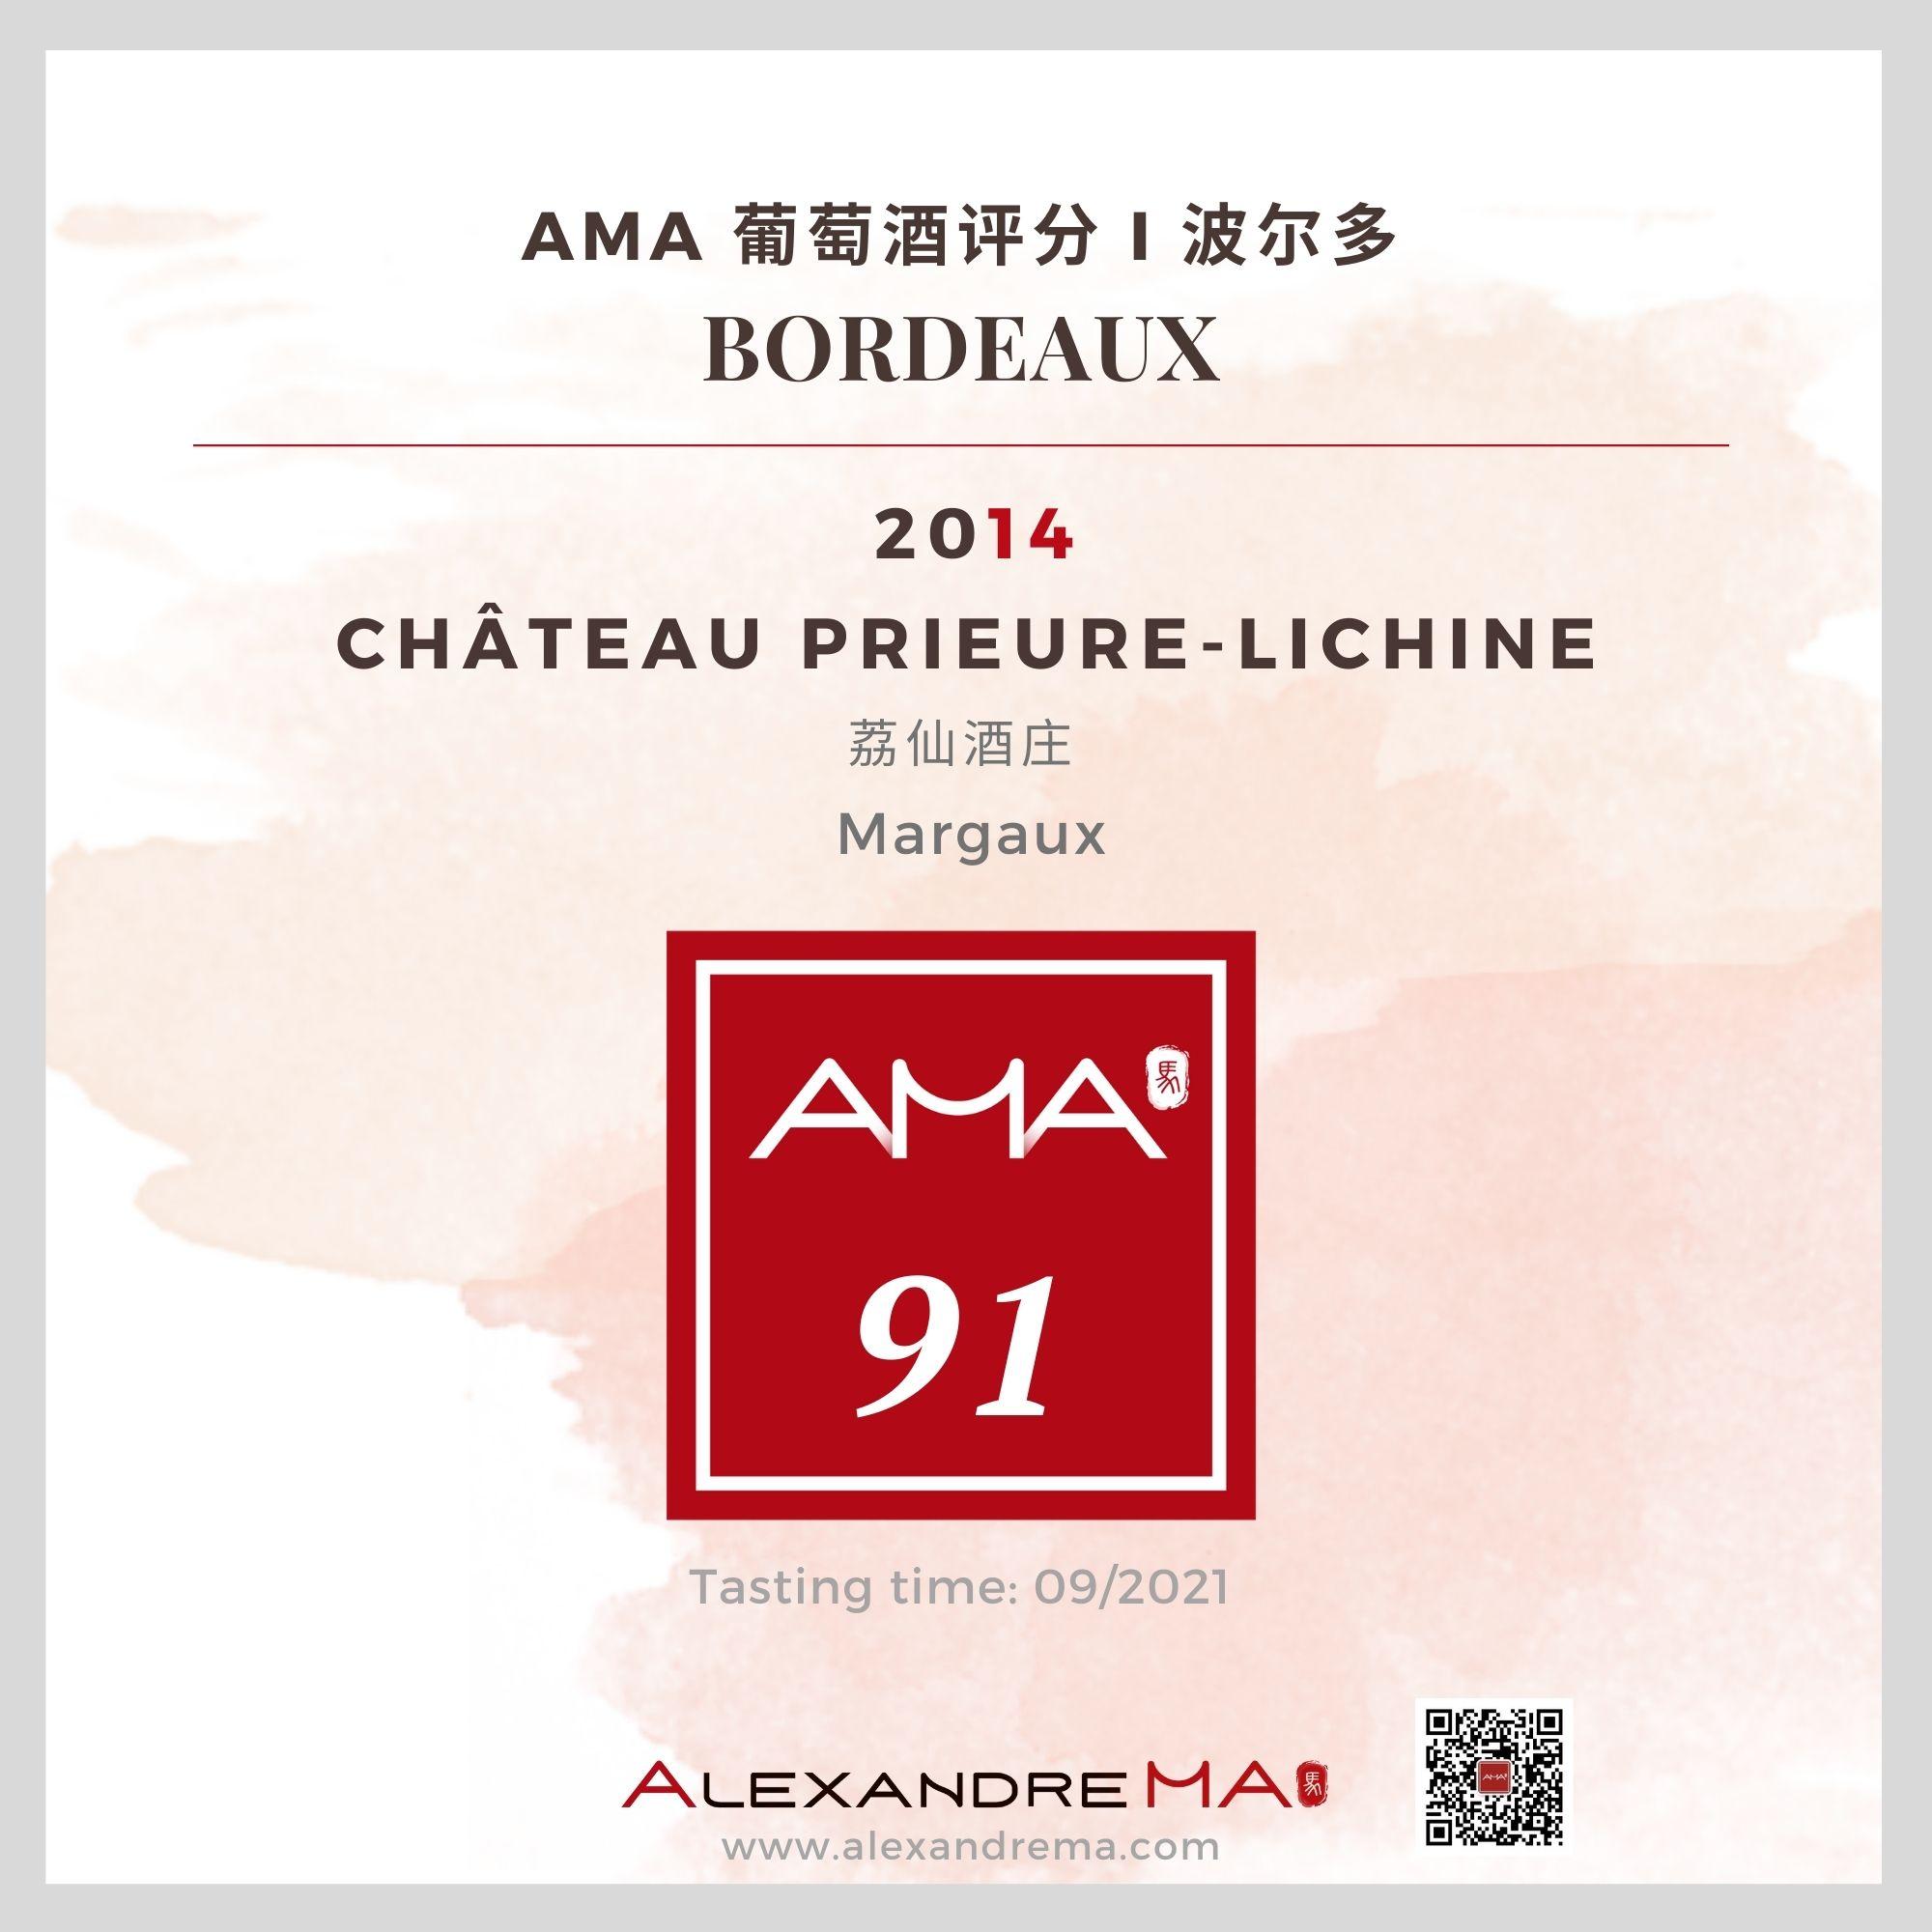 Château Prieuré-Lichine 2014 荔仙酒庄 - Alexandre Ma